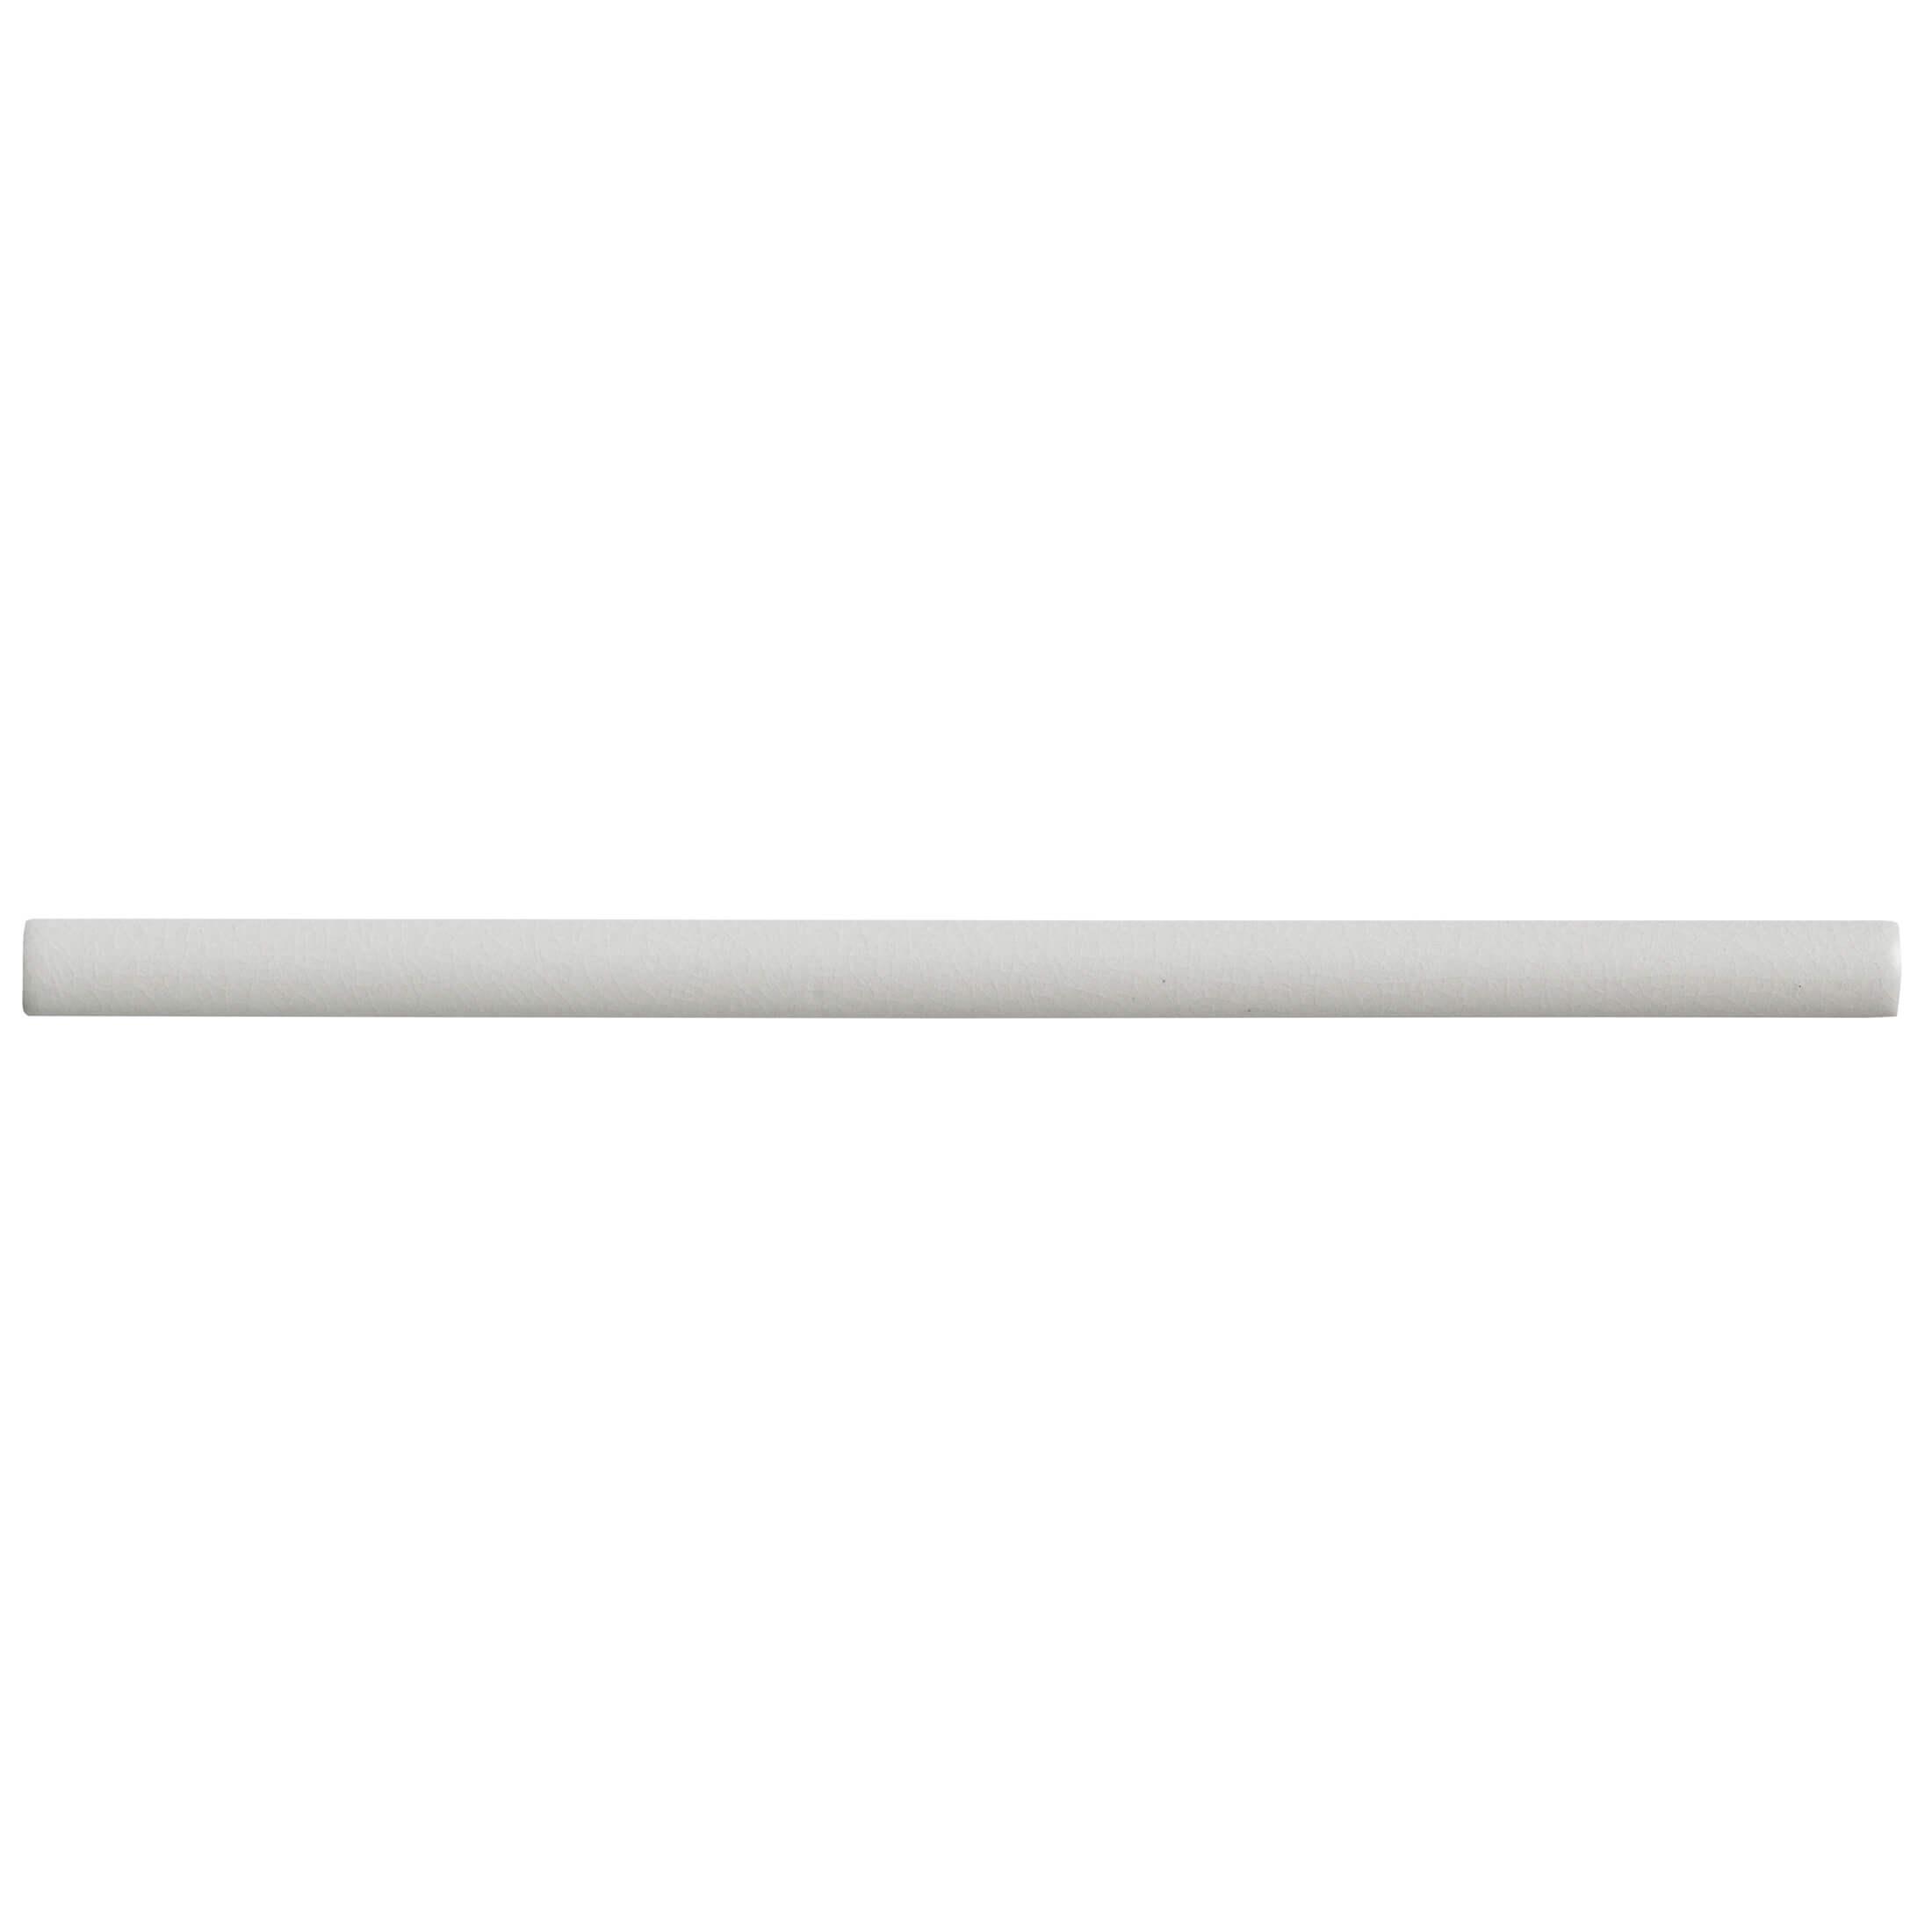 ADEH5047 - BULLNOSE TRIM - 1.4 cm X 30 cm